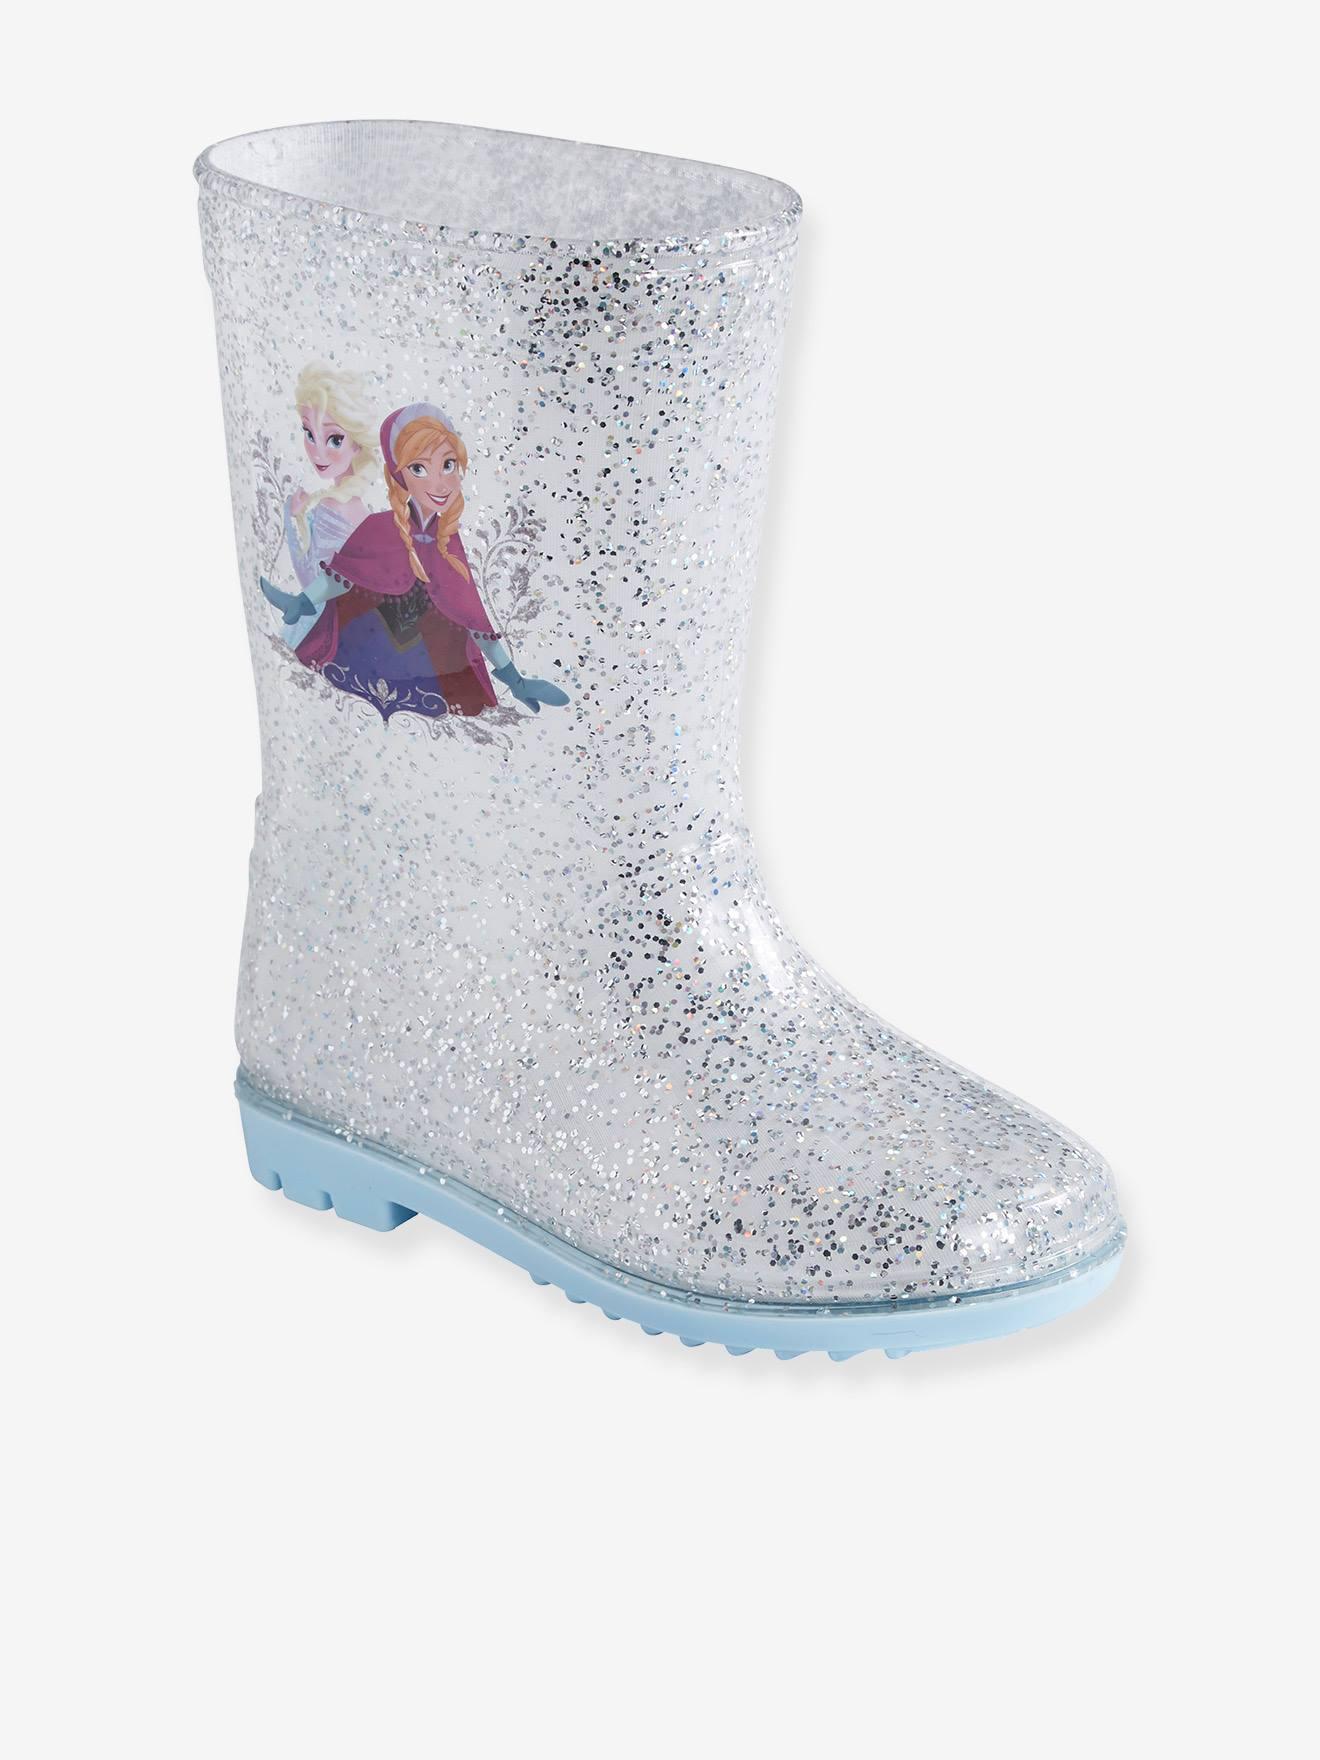 Bottes de pluie fille Disney Reine des neiges® à paillettes blanc pailleté gris argent